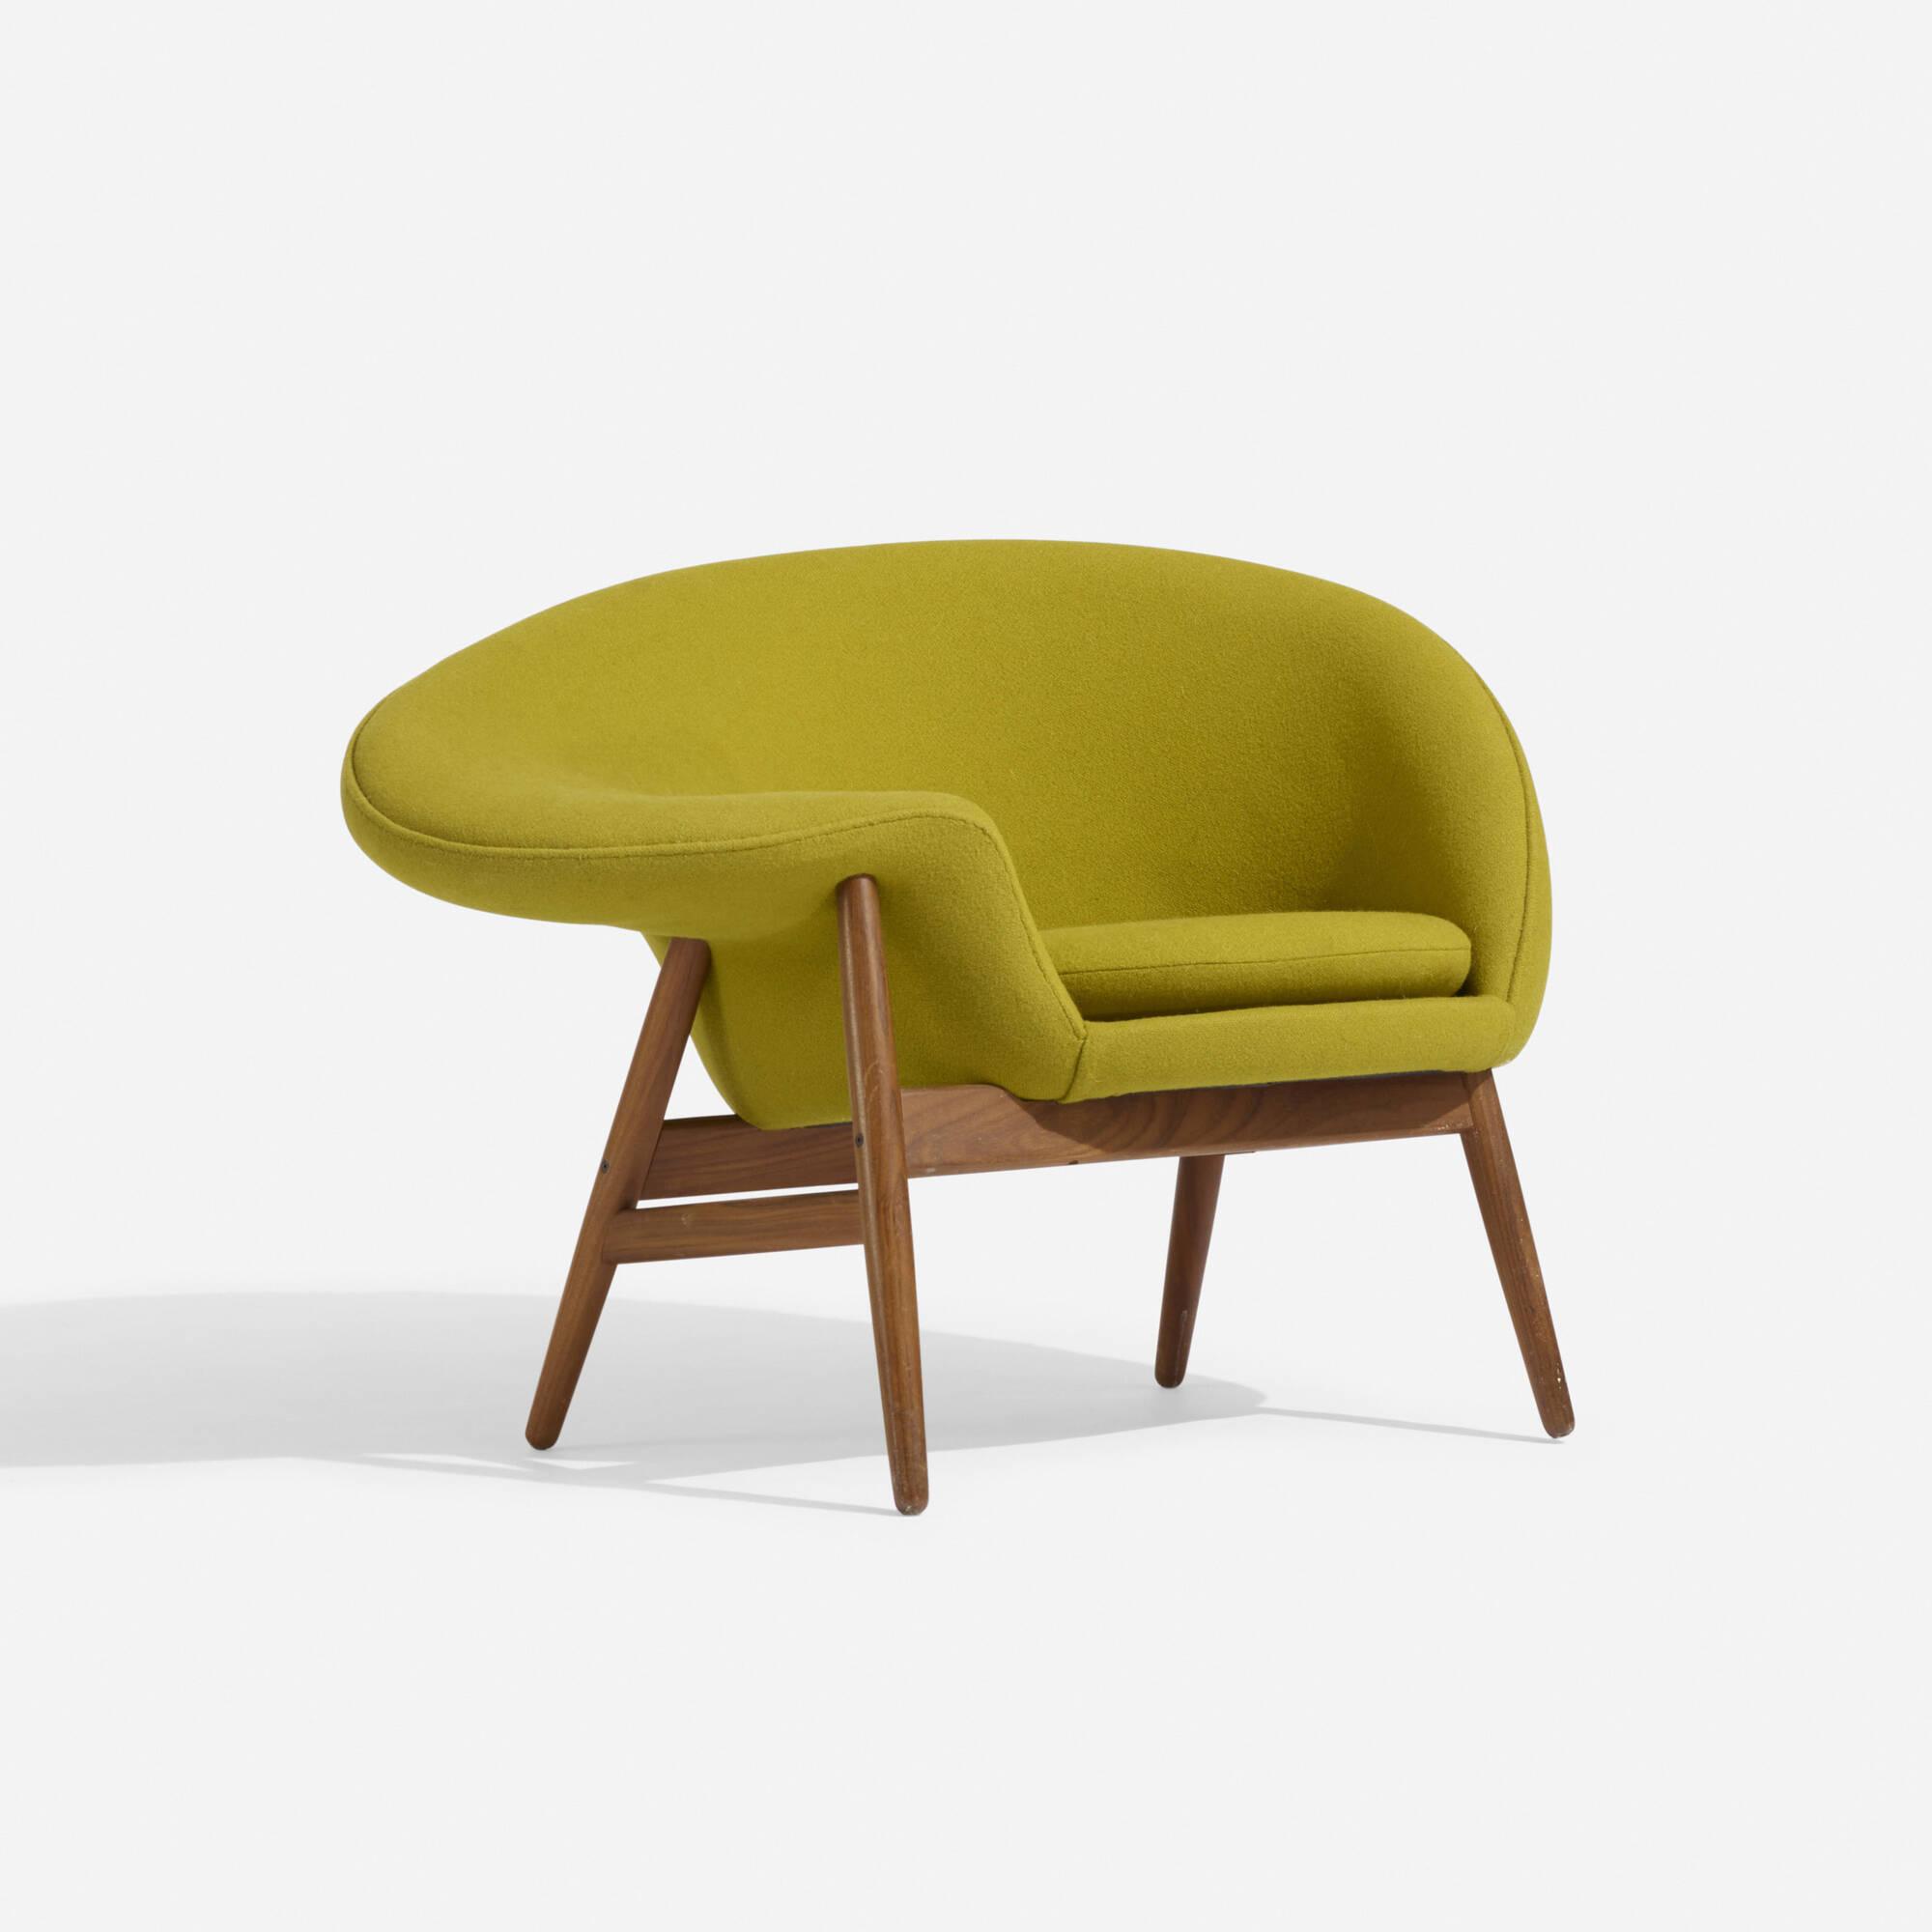 187: Hans Olsen / lounge chair, model 188 (1 of 4)